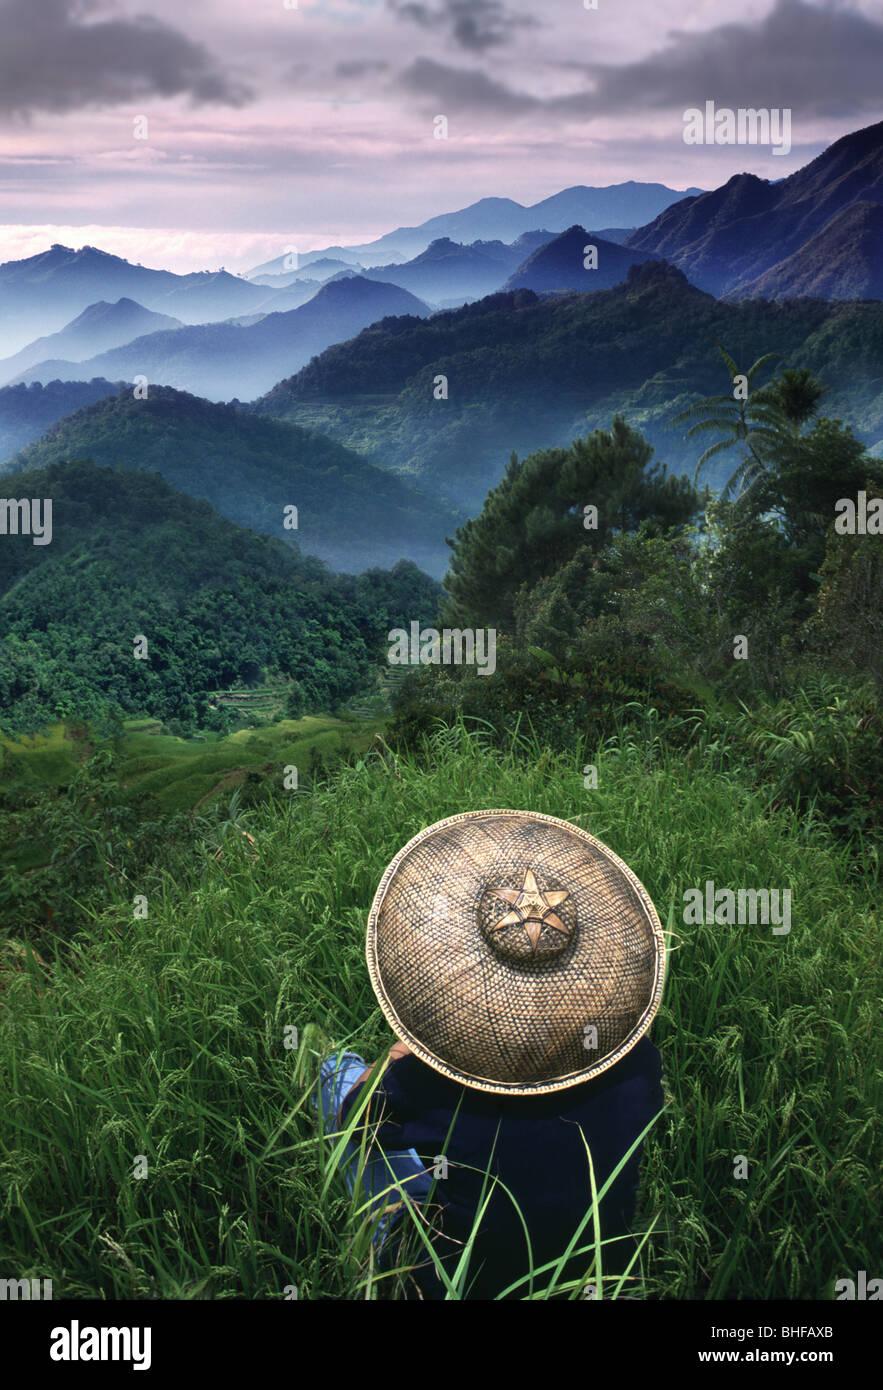 Coltivatore di riso che si affaccia sulle montagne, Sagada Cordigliera, montagne, Provincia di montagna, Insel Luzon. Immagini Stock